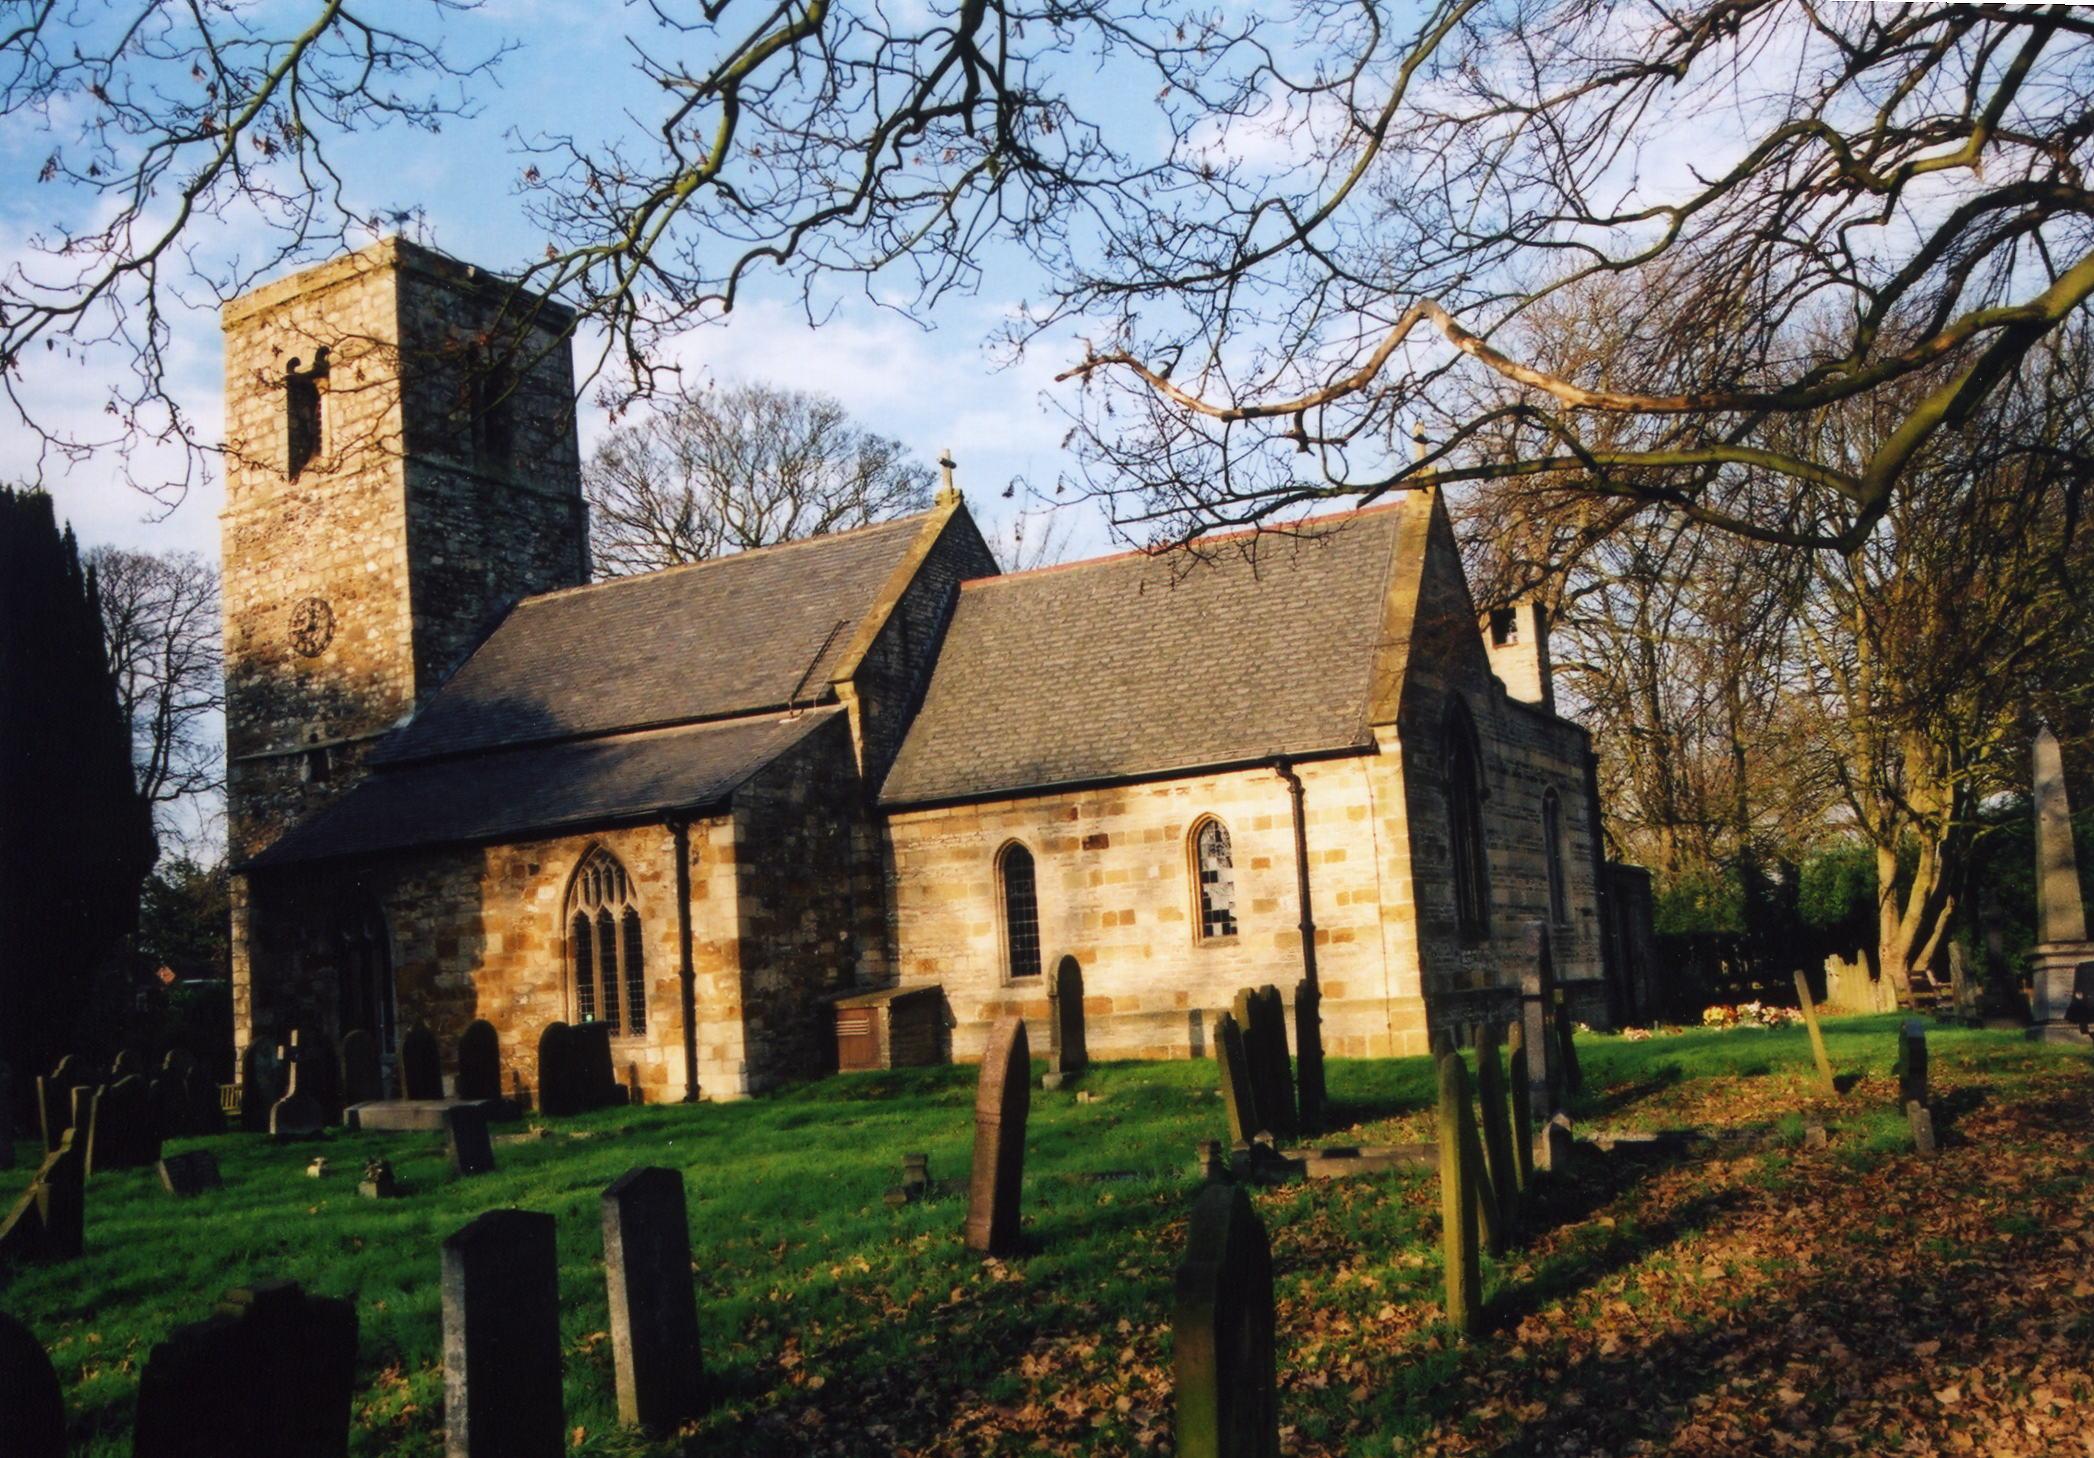 Saint Giles Church